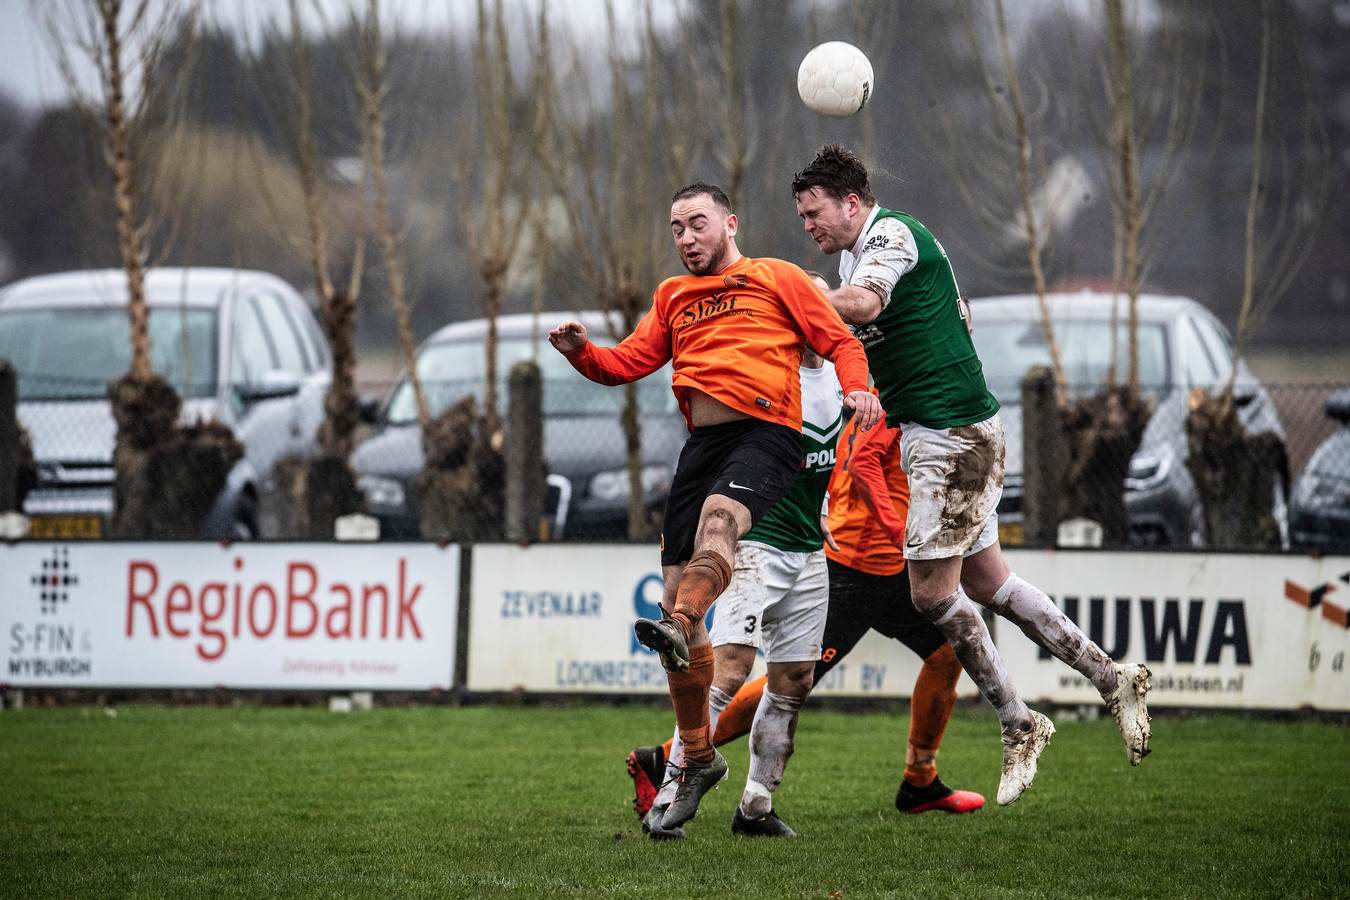 Gevecht om de bal bij de derby tussen Gelders Eiland en SDZZ in de vijfde klasse C.